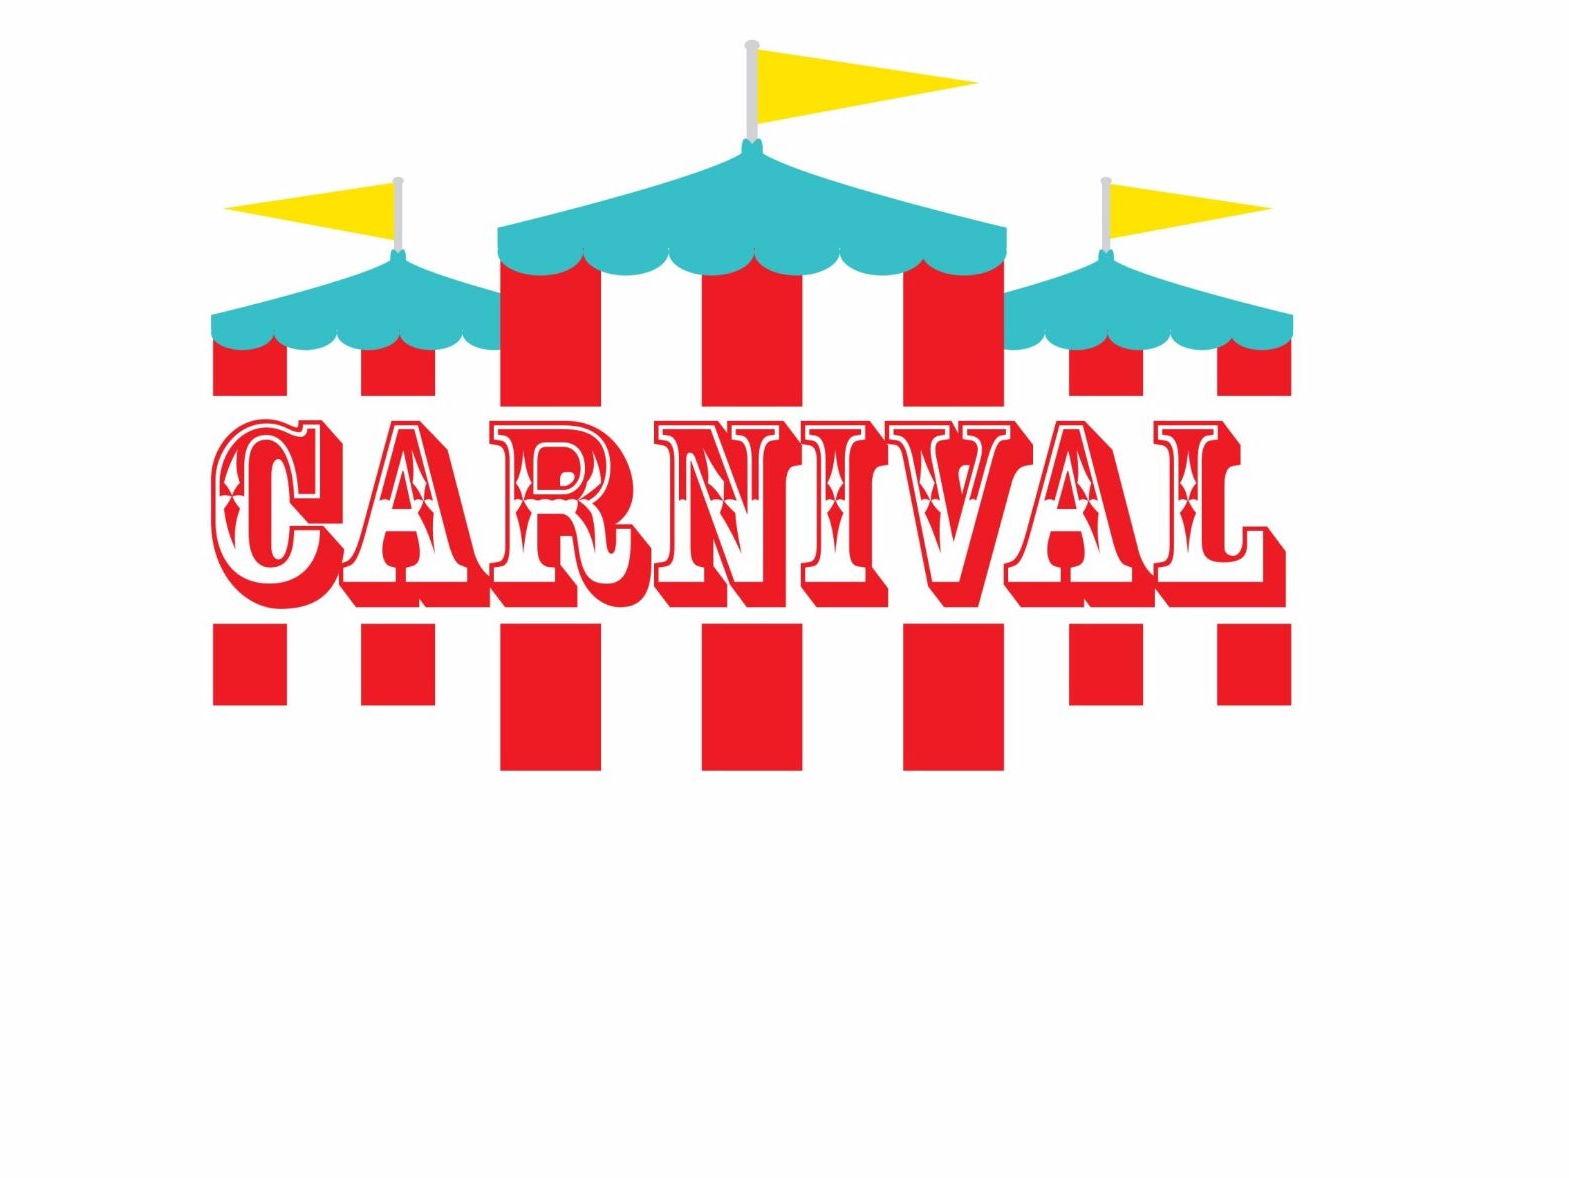 Carnival Reading Comprehension Worksheets Save 40